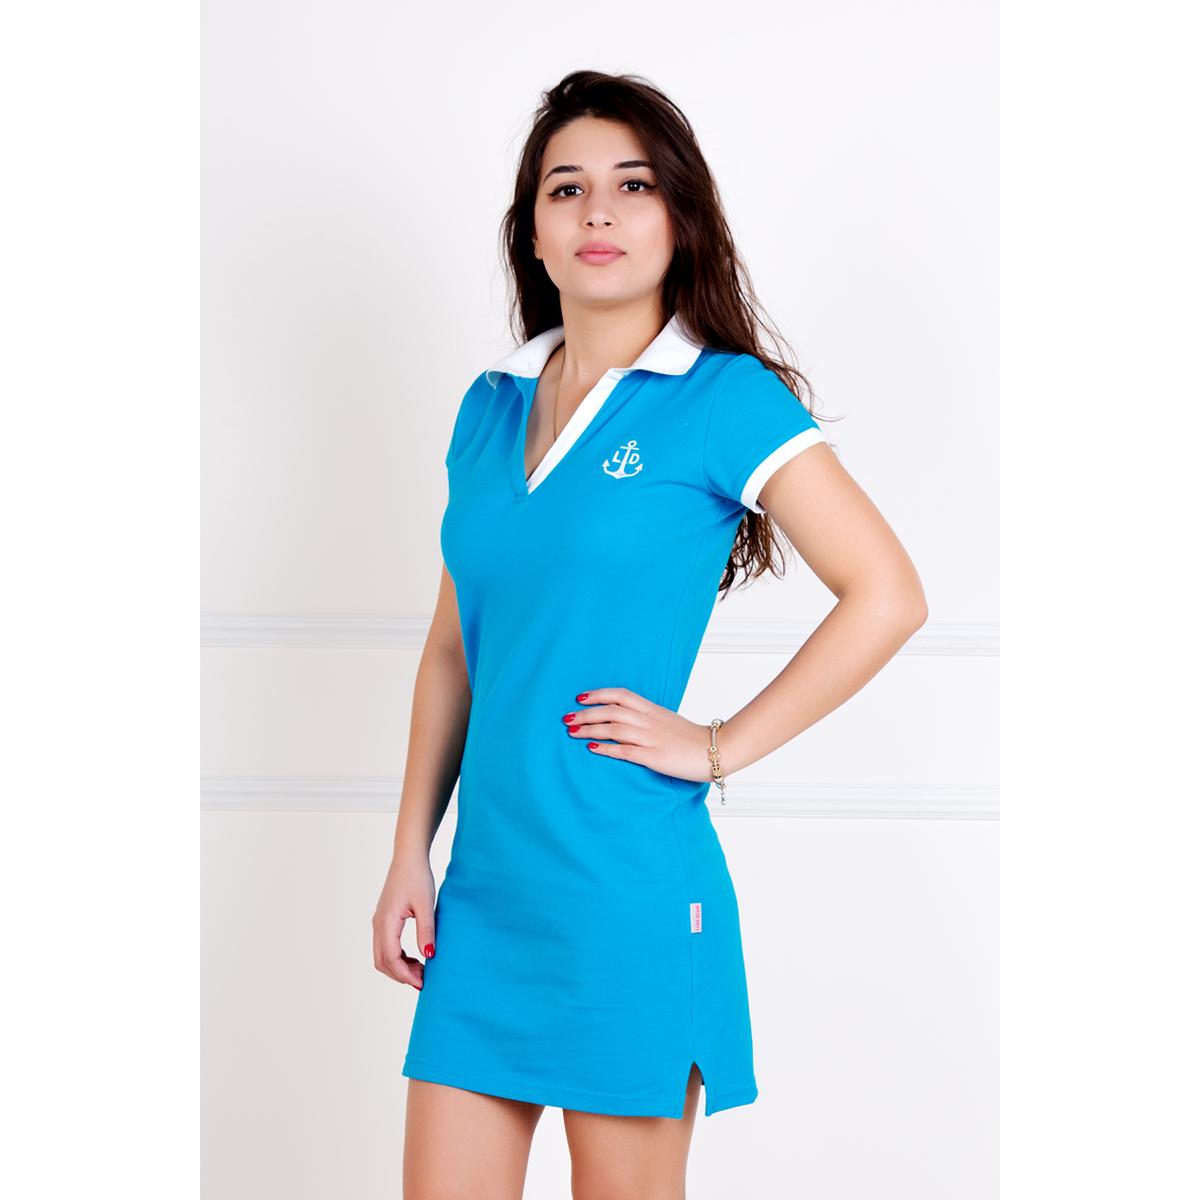 Женское платье Поло Голубой, размер 48Платья<br>Обхват груди:96 см<br>Обхват талии:78 см<br>Обхват бедер:104 см<br>Длина по спинке:96 см<br>Рост:167 см<br><br>Тип: Жен. платье<br>Размер: 48<br>Материал: Пике